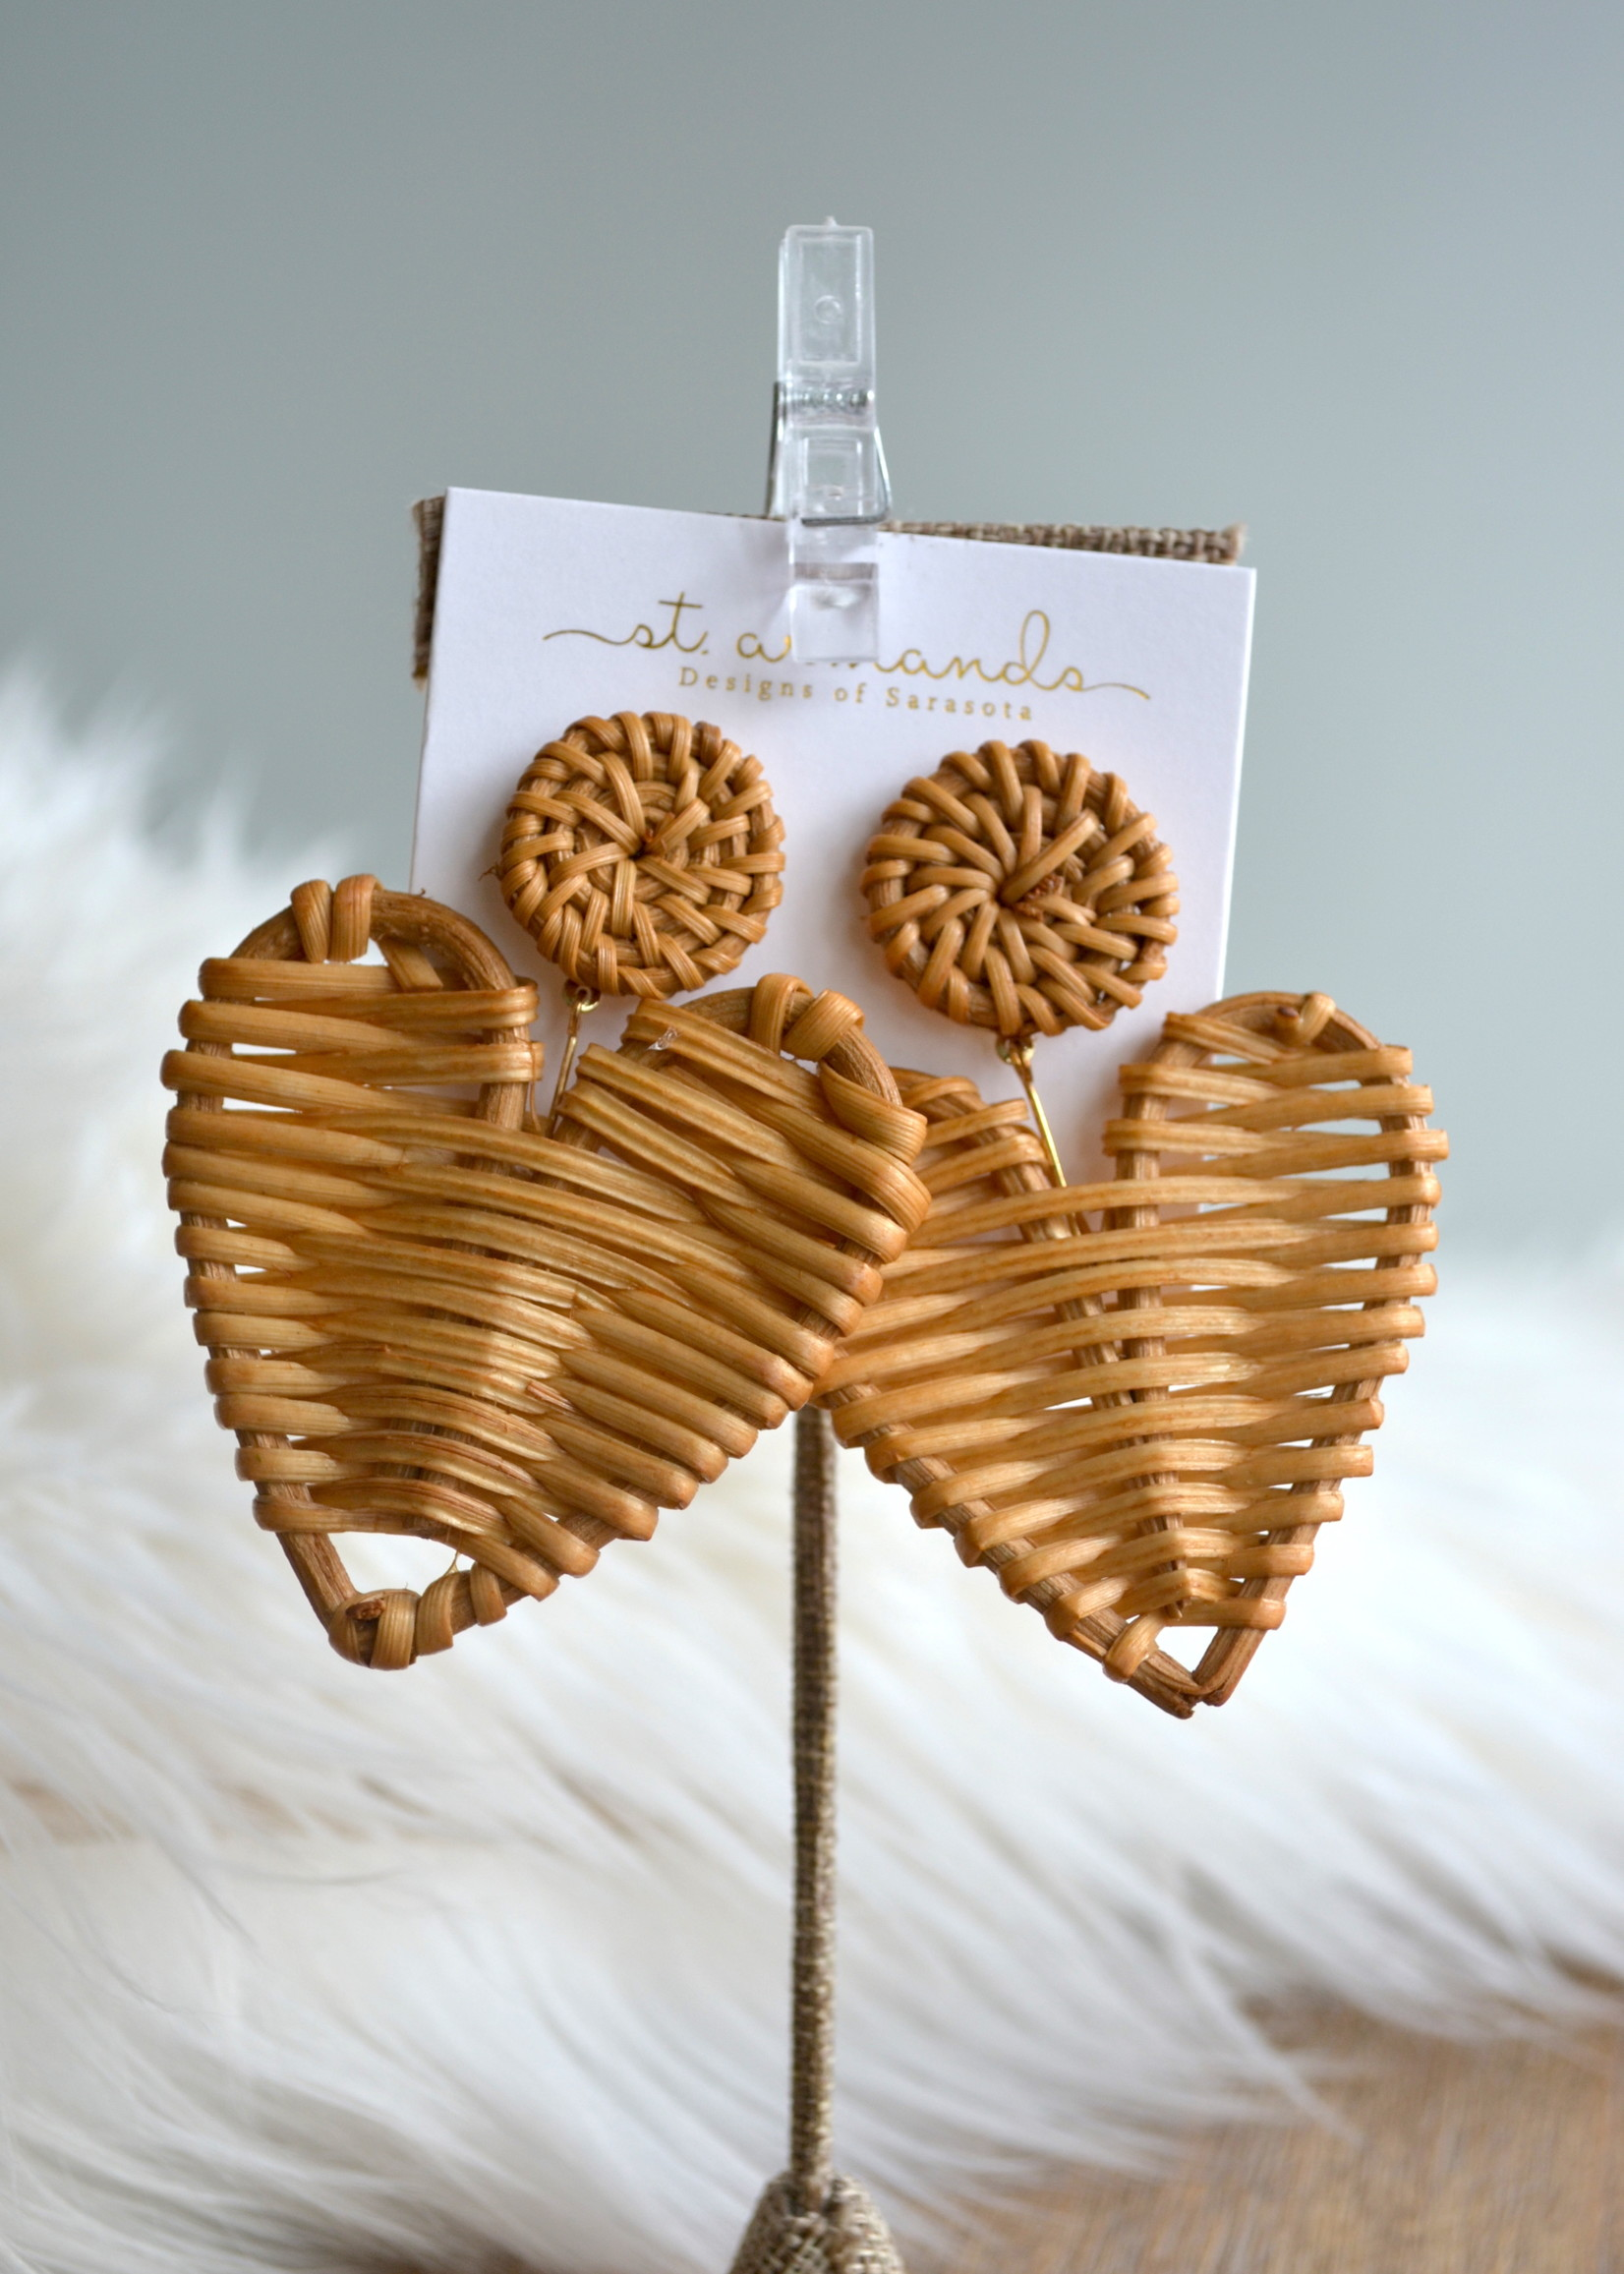 St Armands Designs of Sarasota Natural Rattan Heart Earrings